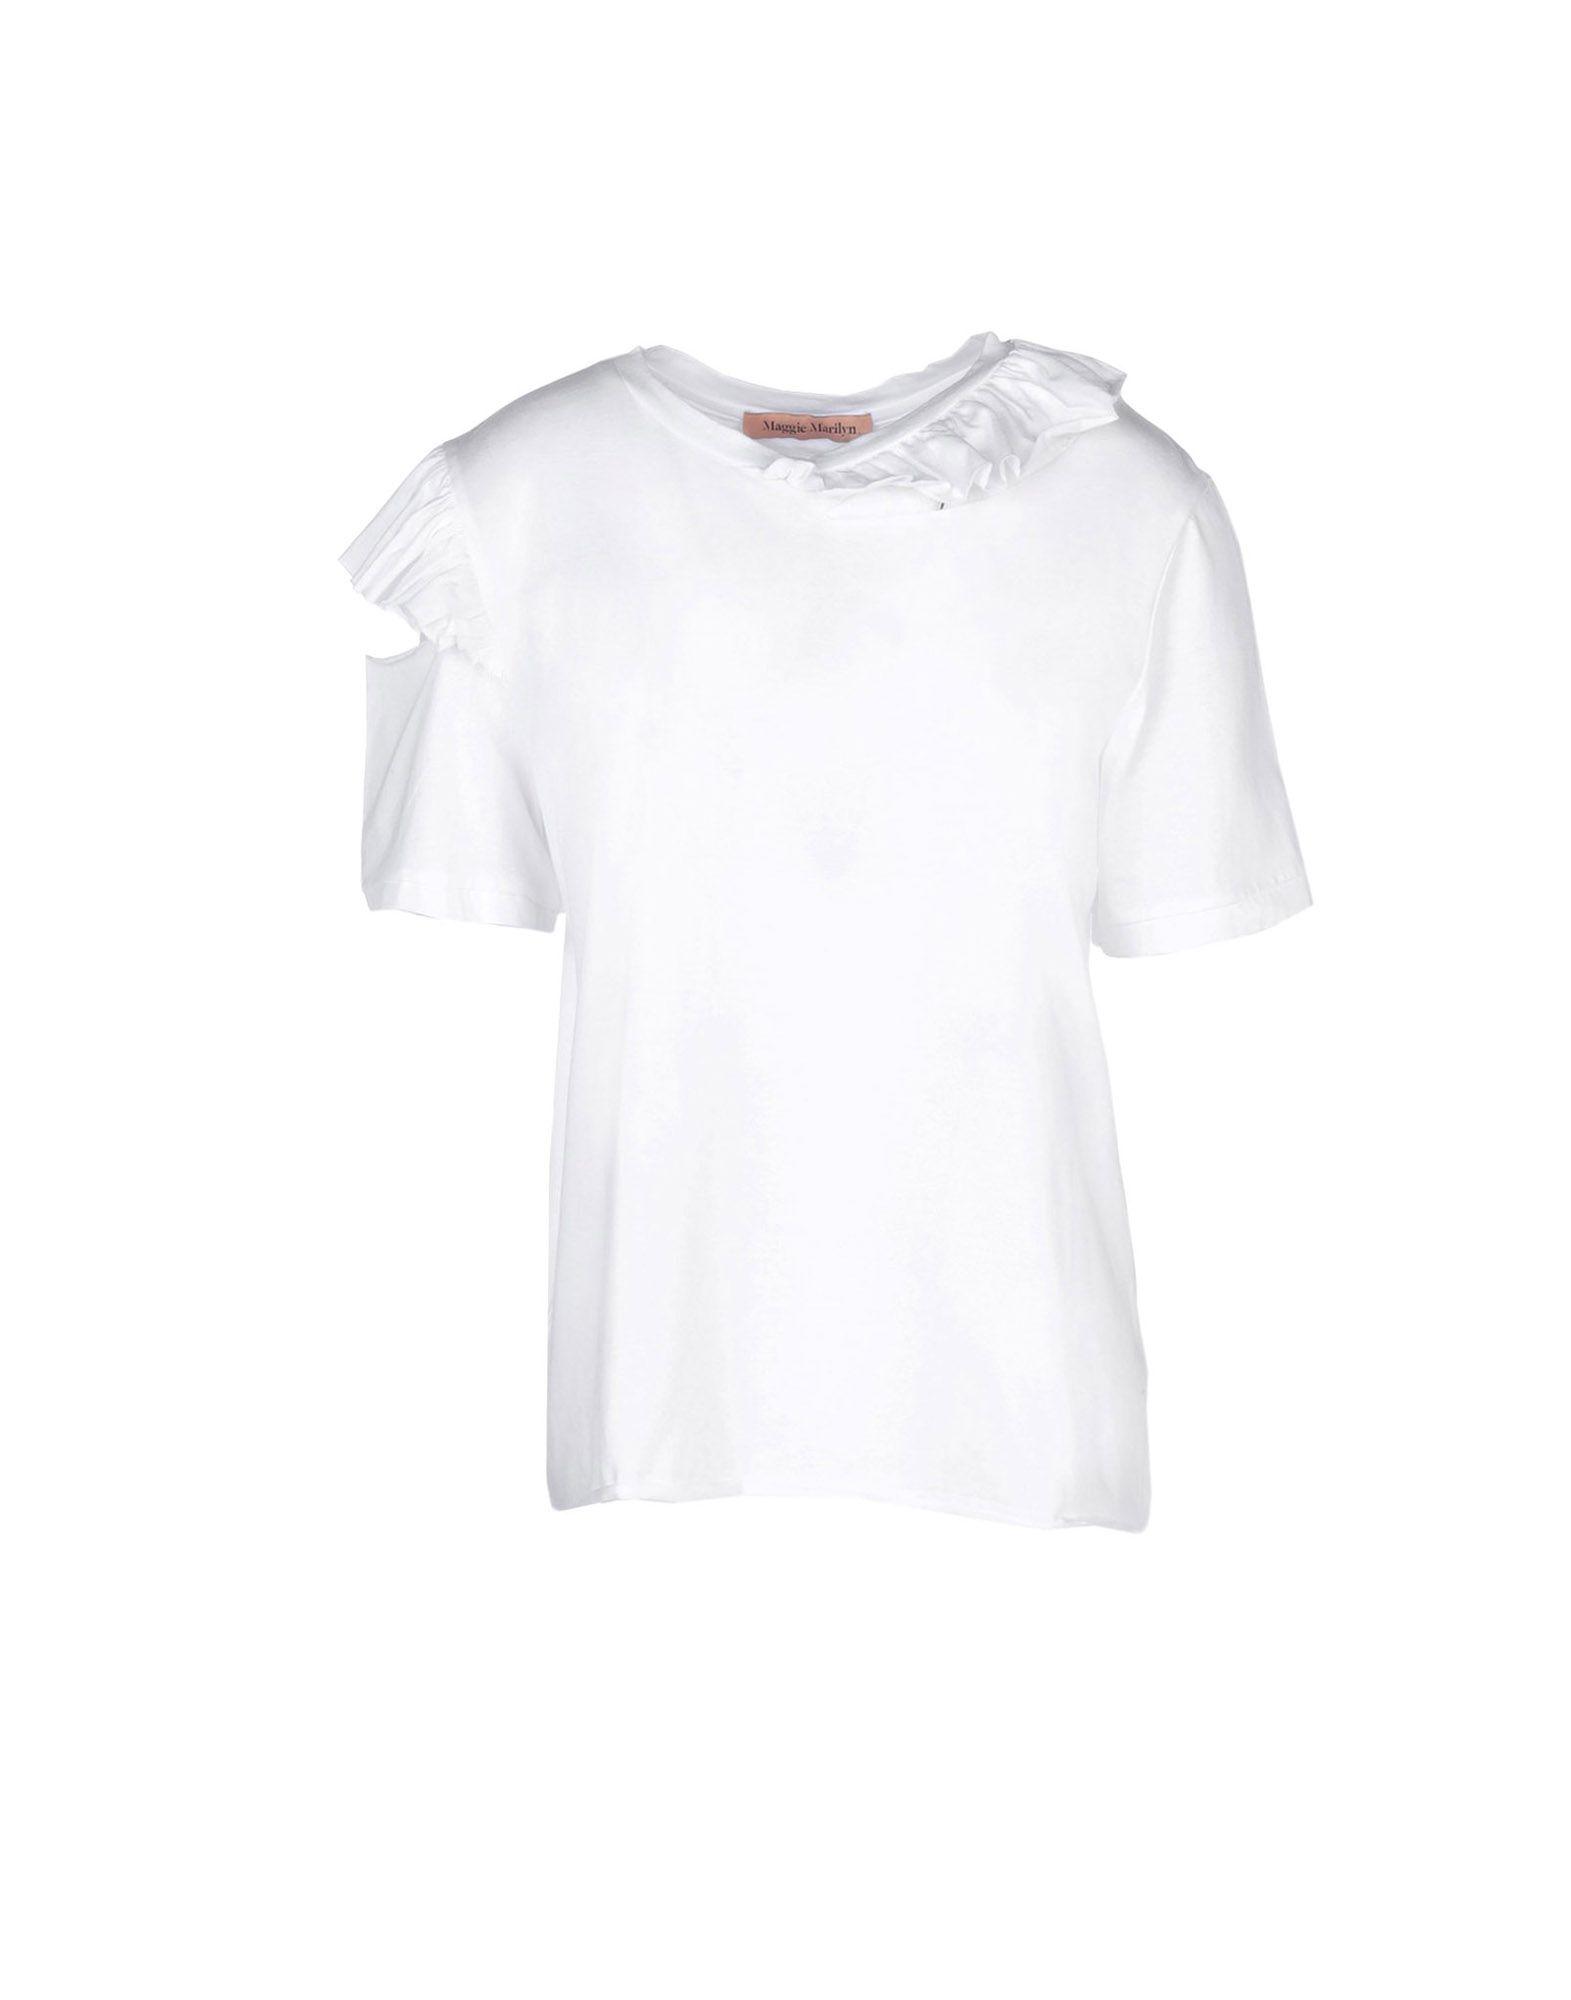 《送料無料》MAGGIE MARILYN レディース T シャツ ホワイト S コットン 100%